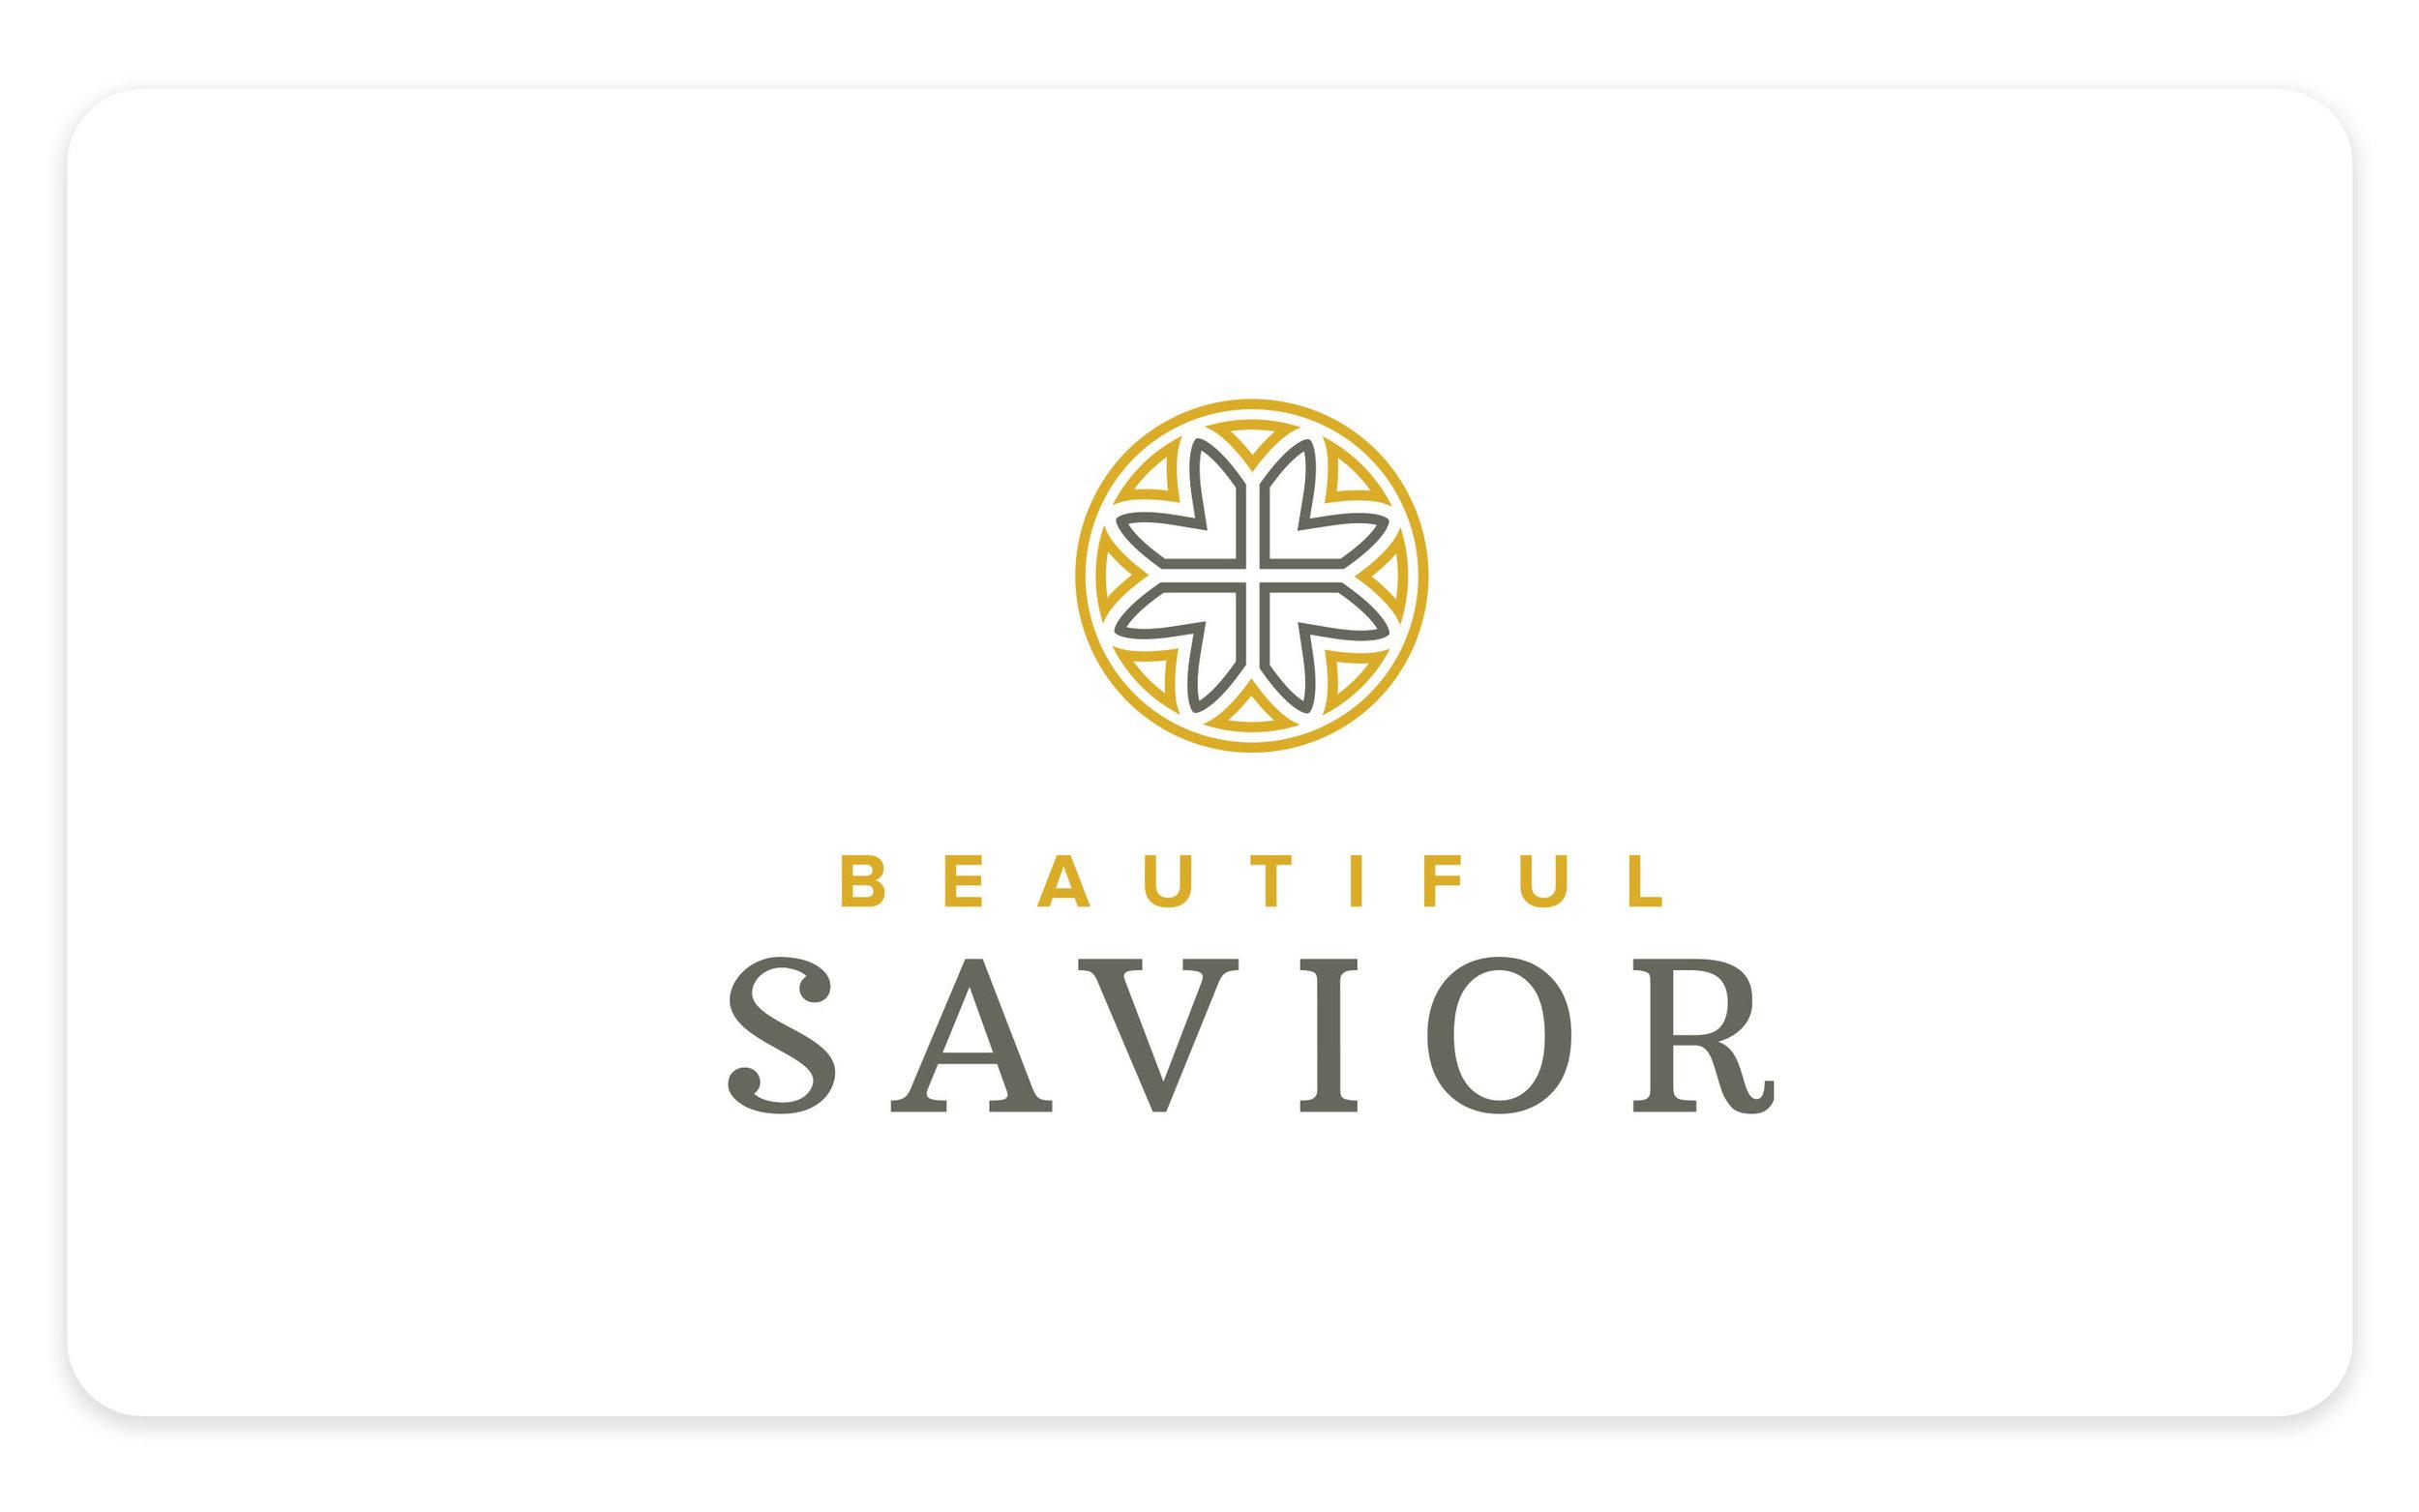 Fruitful Design Strategy Omaha Nebraska Beautiful_Savior_Logo_.jpg